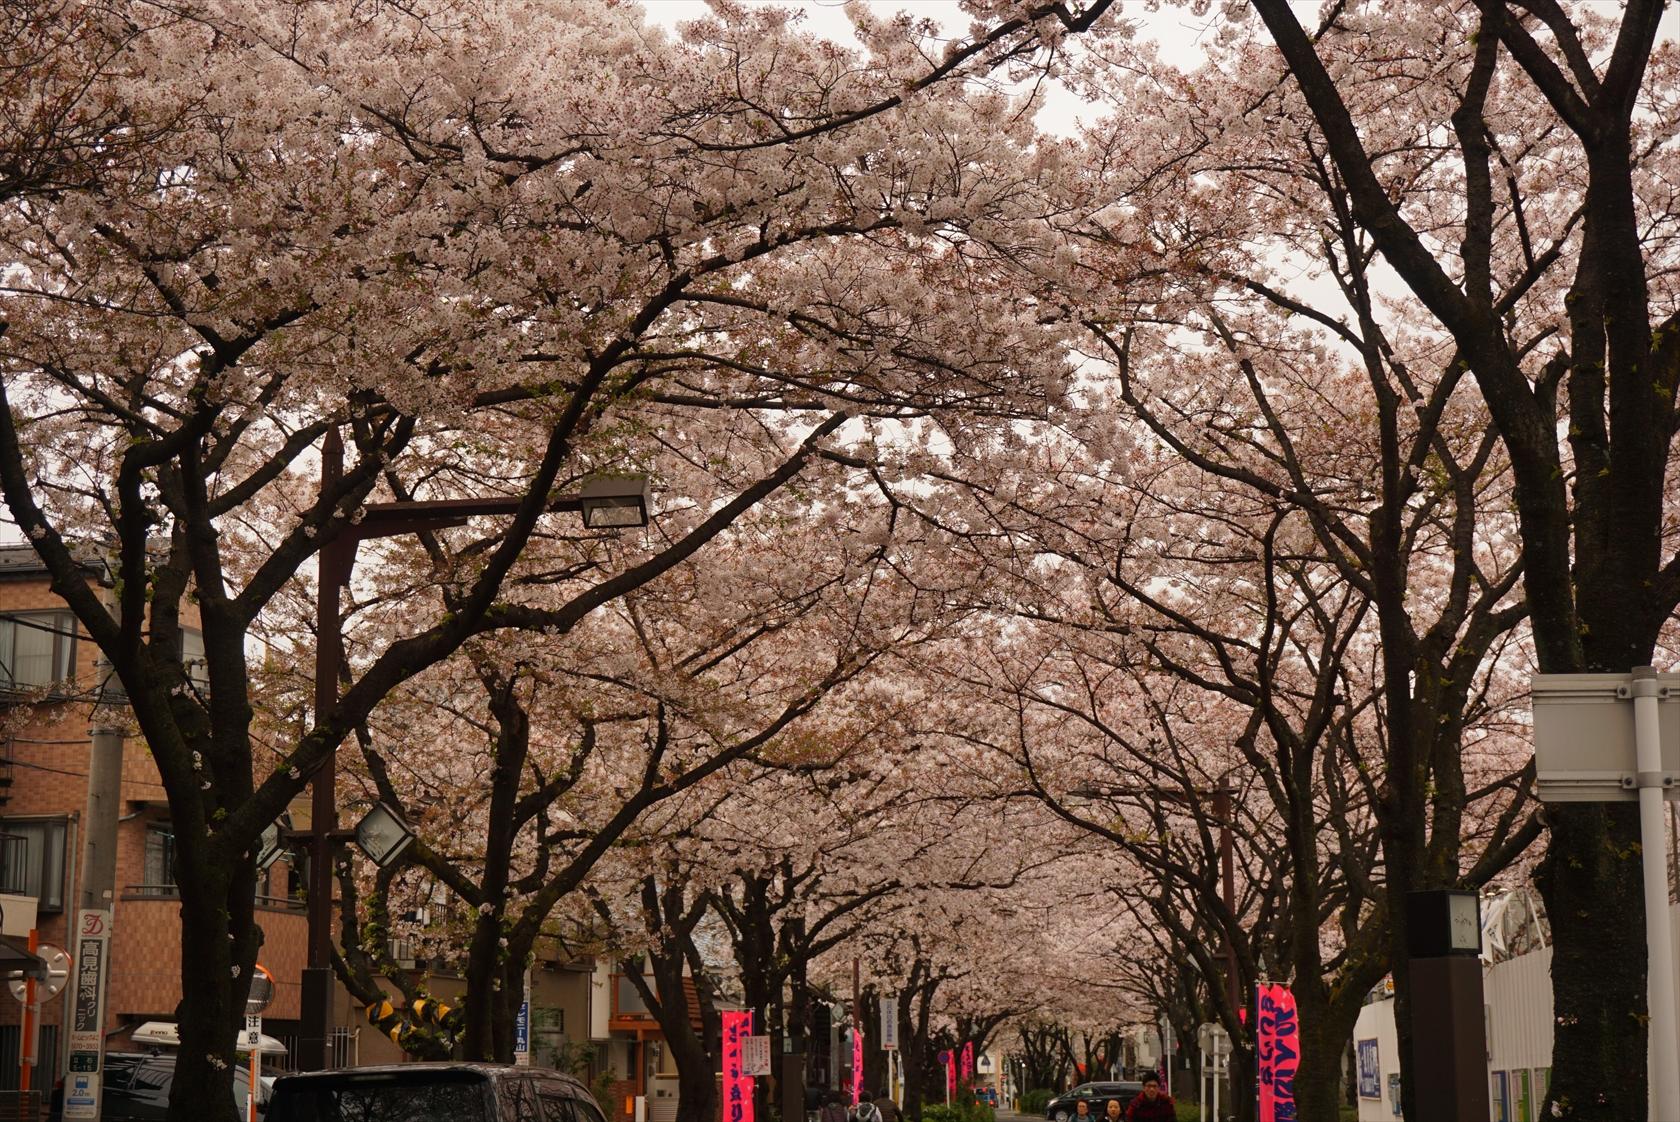 おまかせオート+マイフォトスタイルで桜撮影